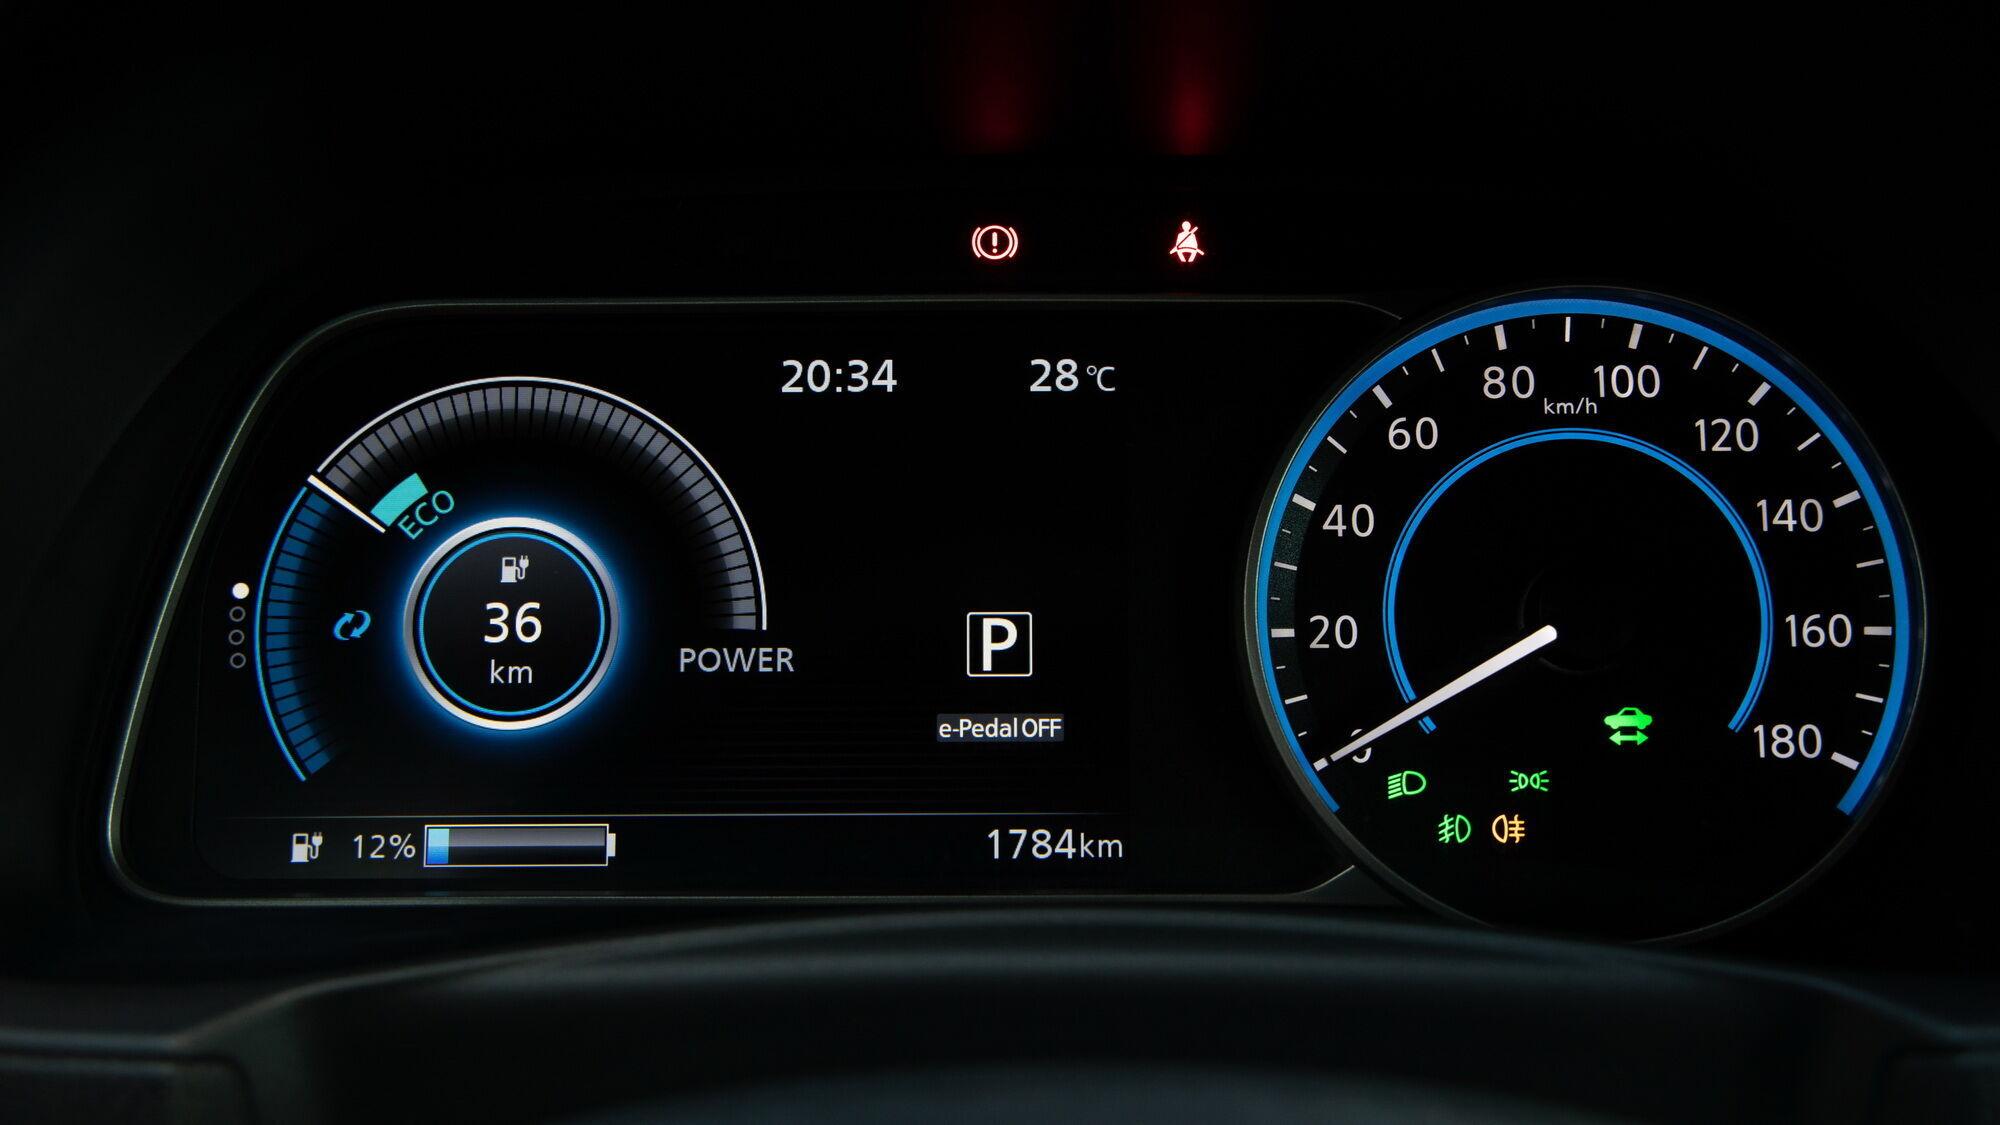 Приладова панель – комбінована зі звичним стрілковим спідометром та великим кольоровим екраном бортового комп'ютера